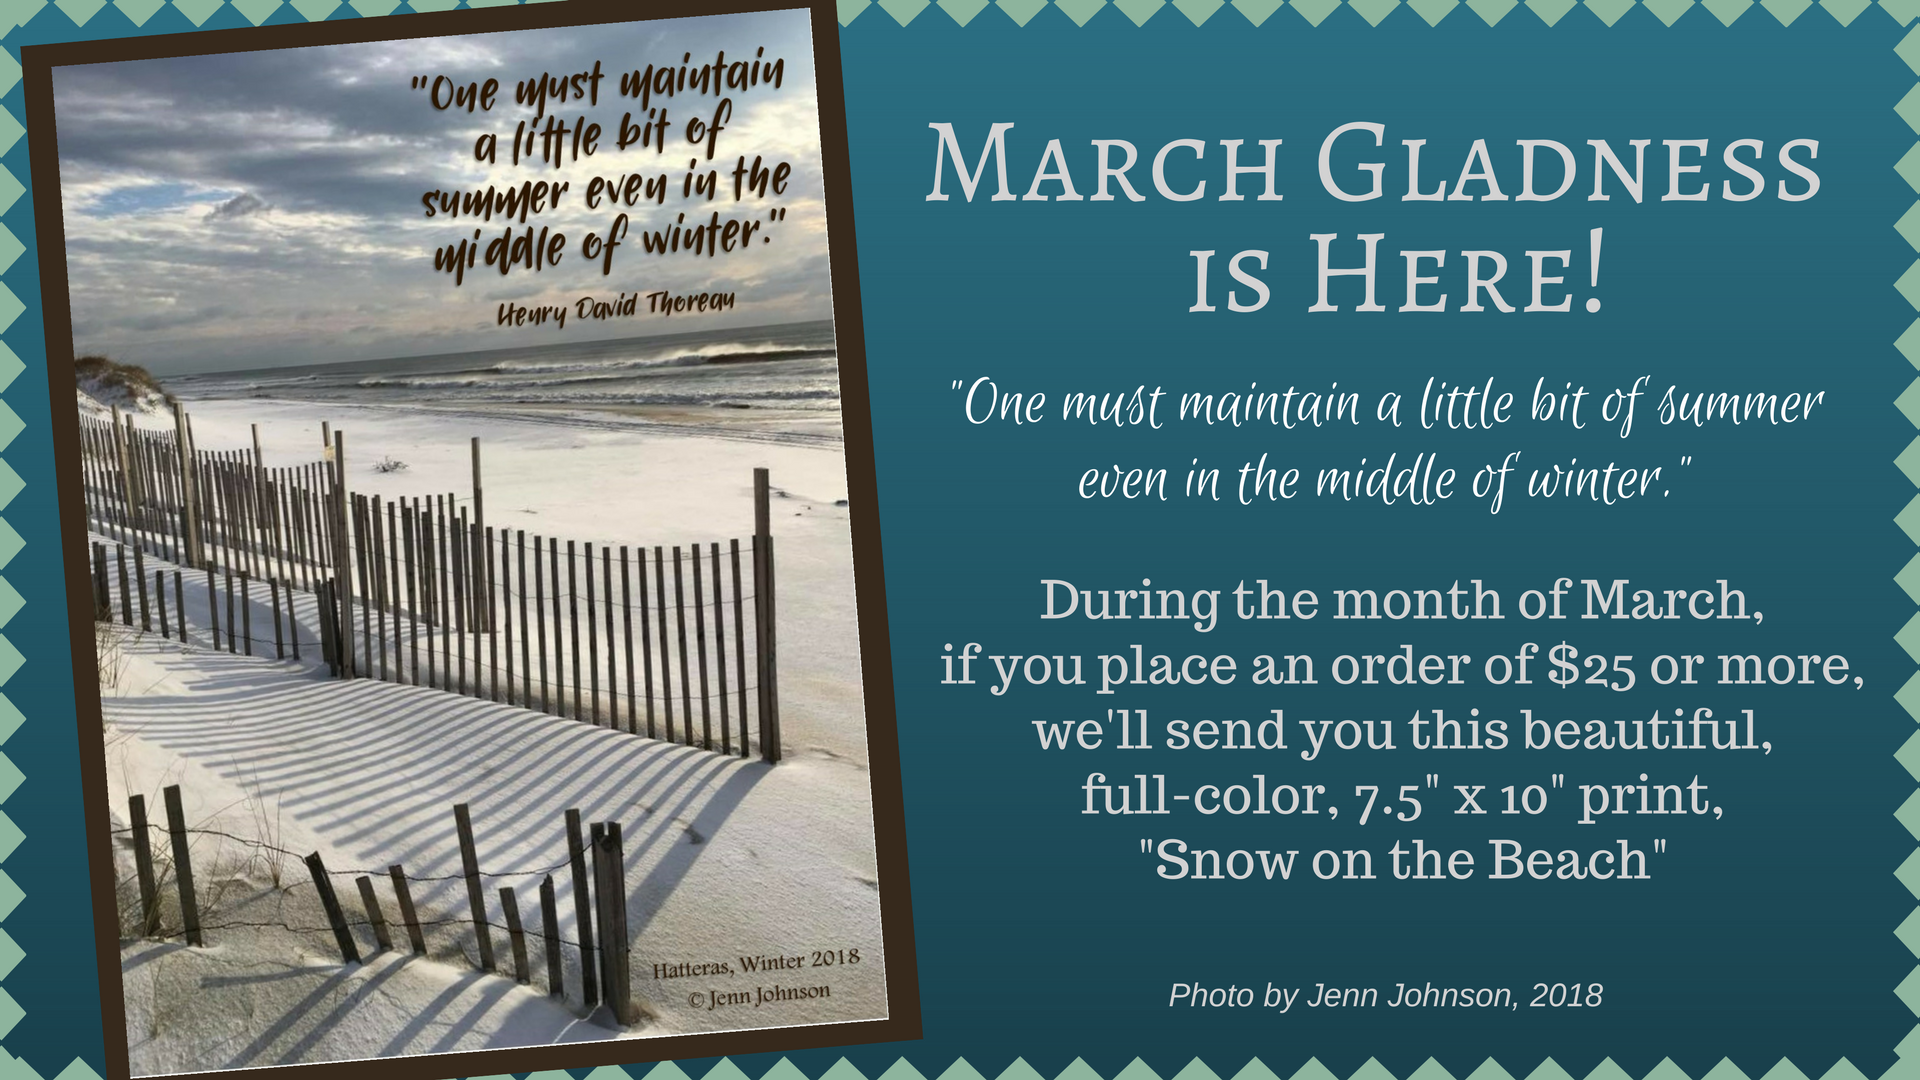 March Gladness Campaign